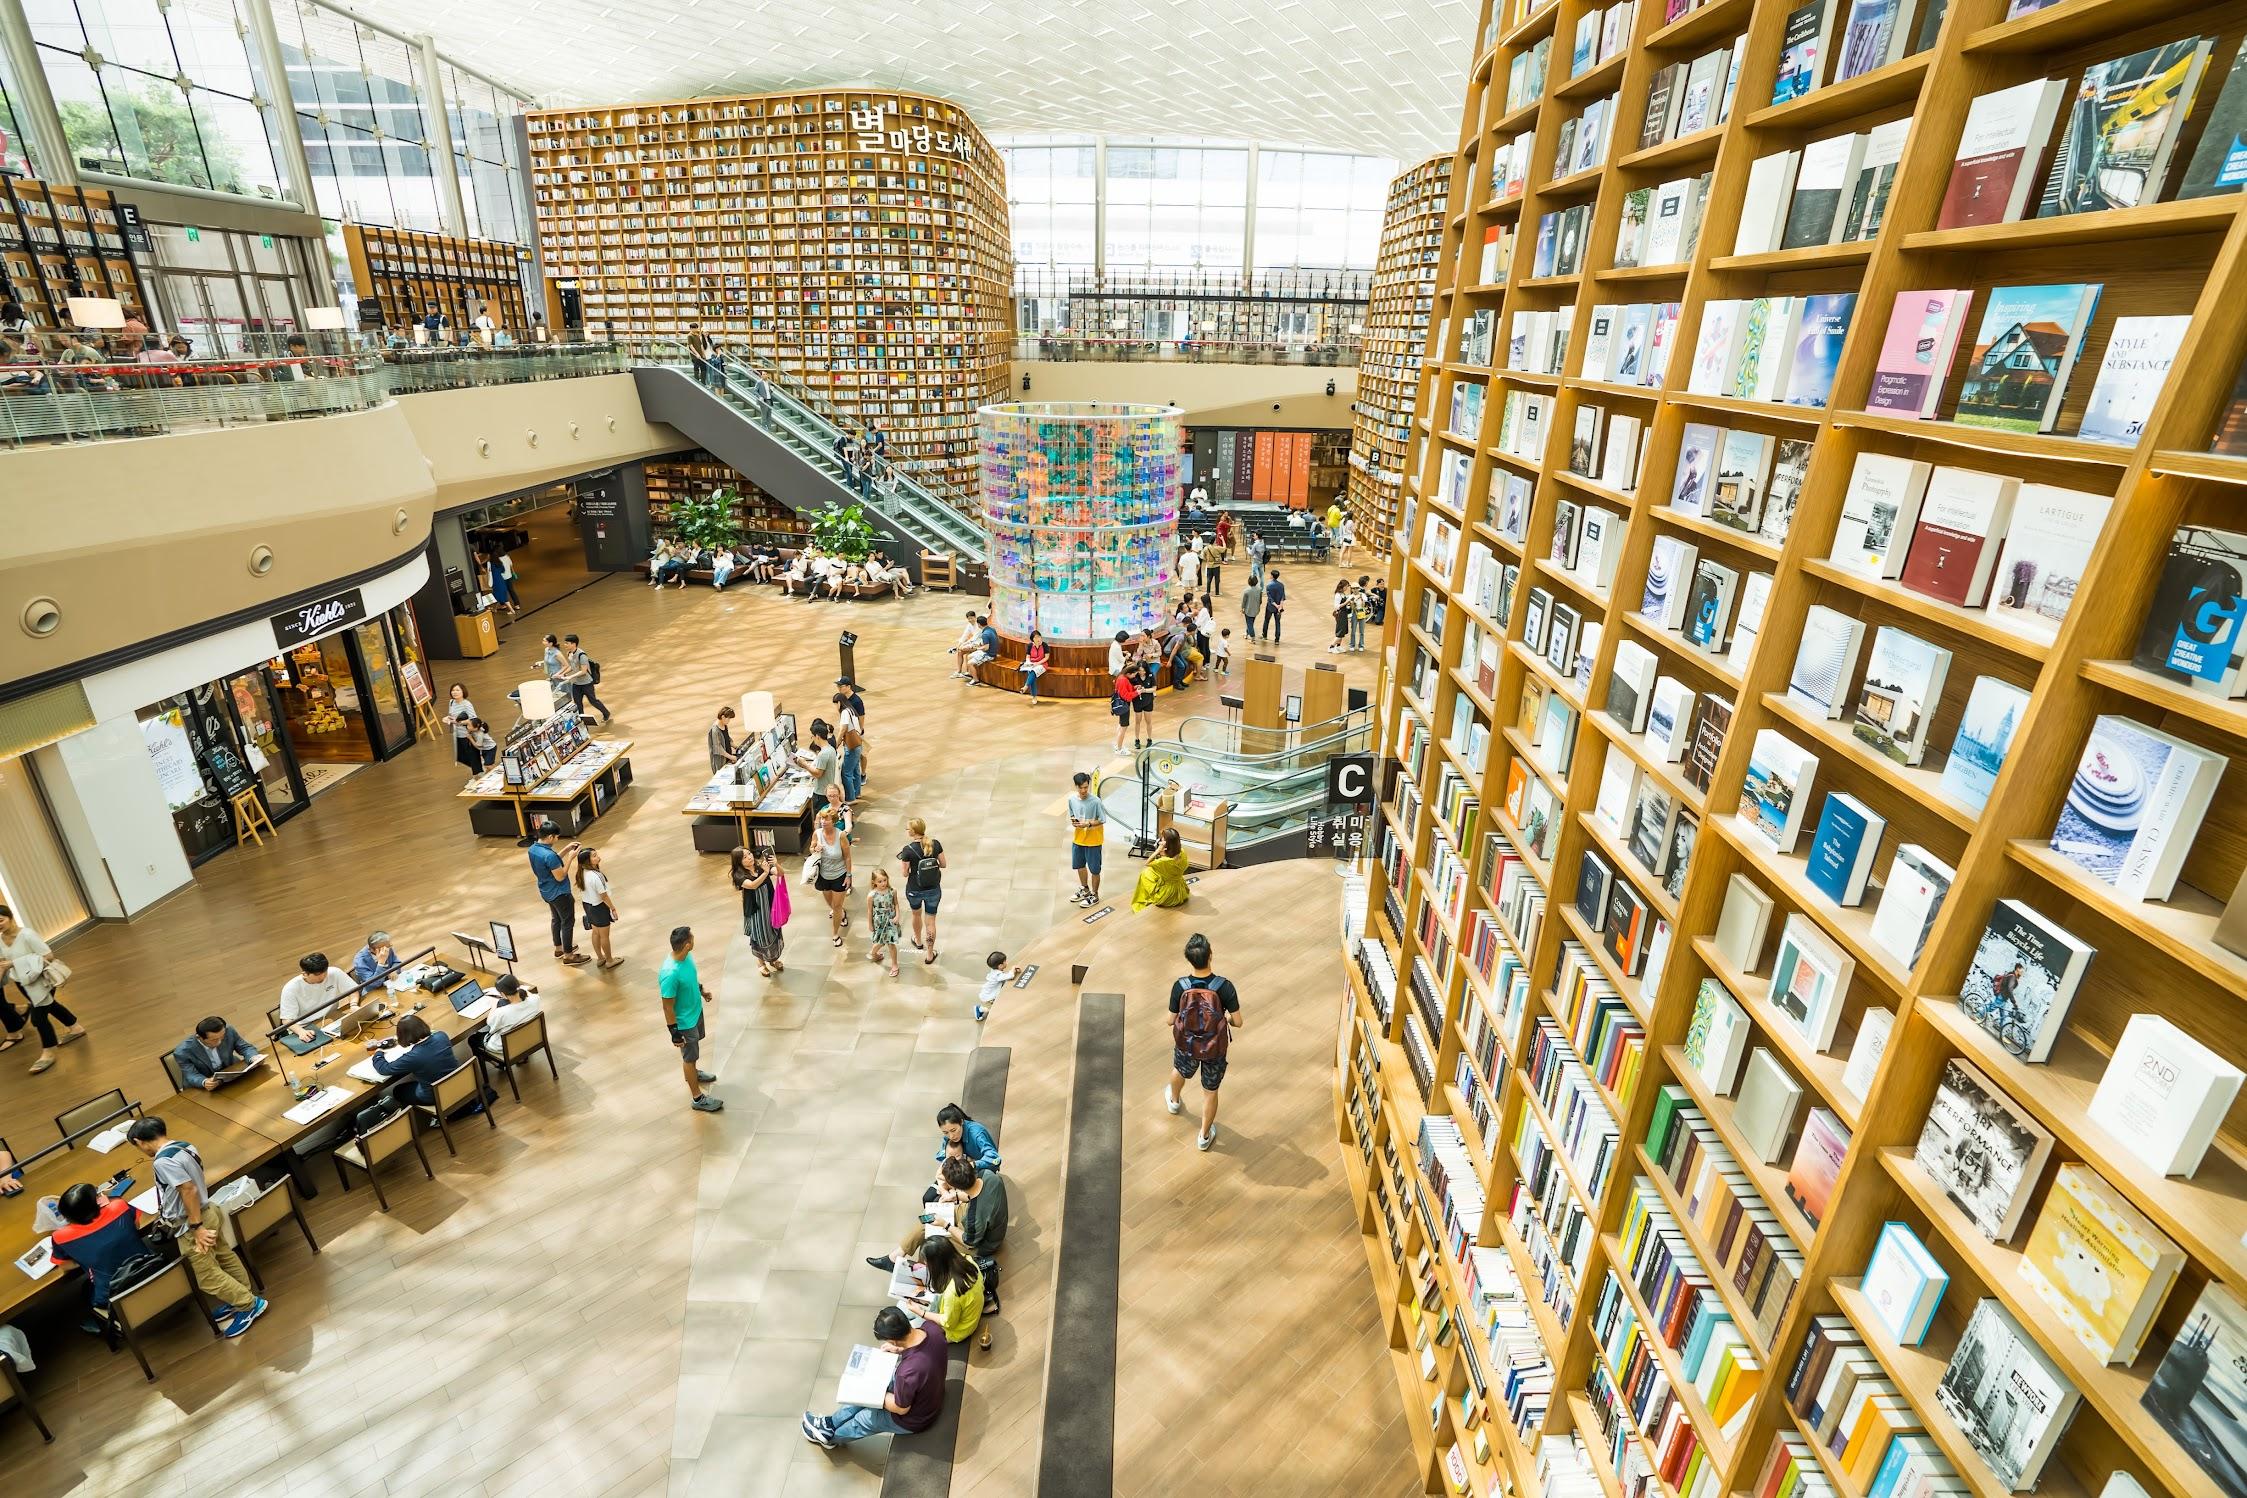 スターフィールド COEX MALL ピョルマダン図書館1